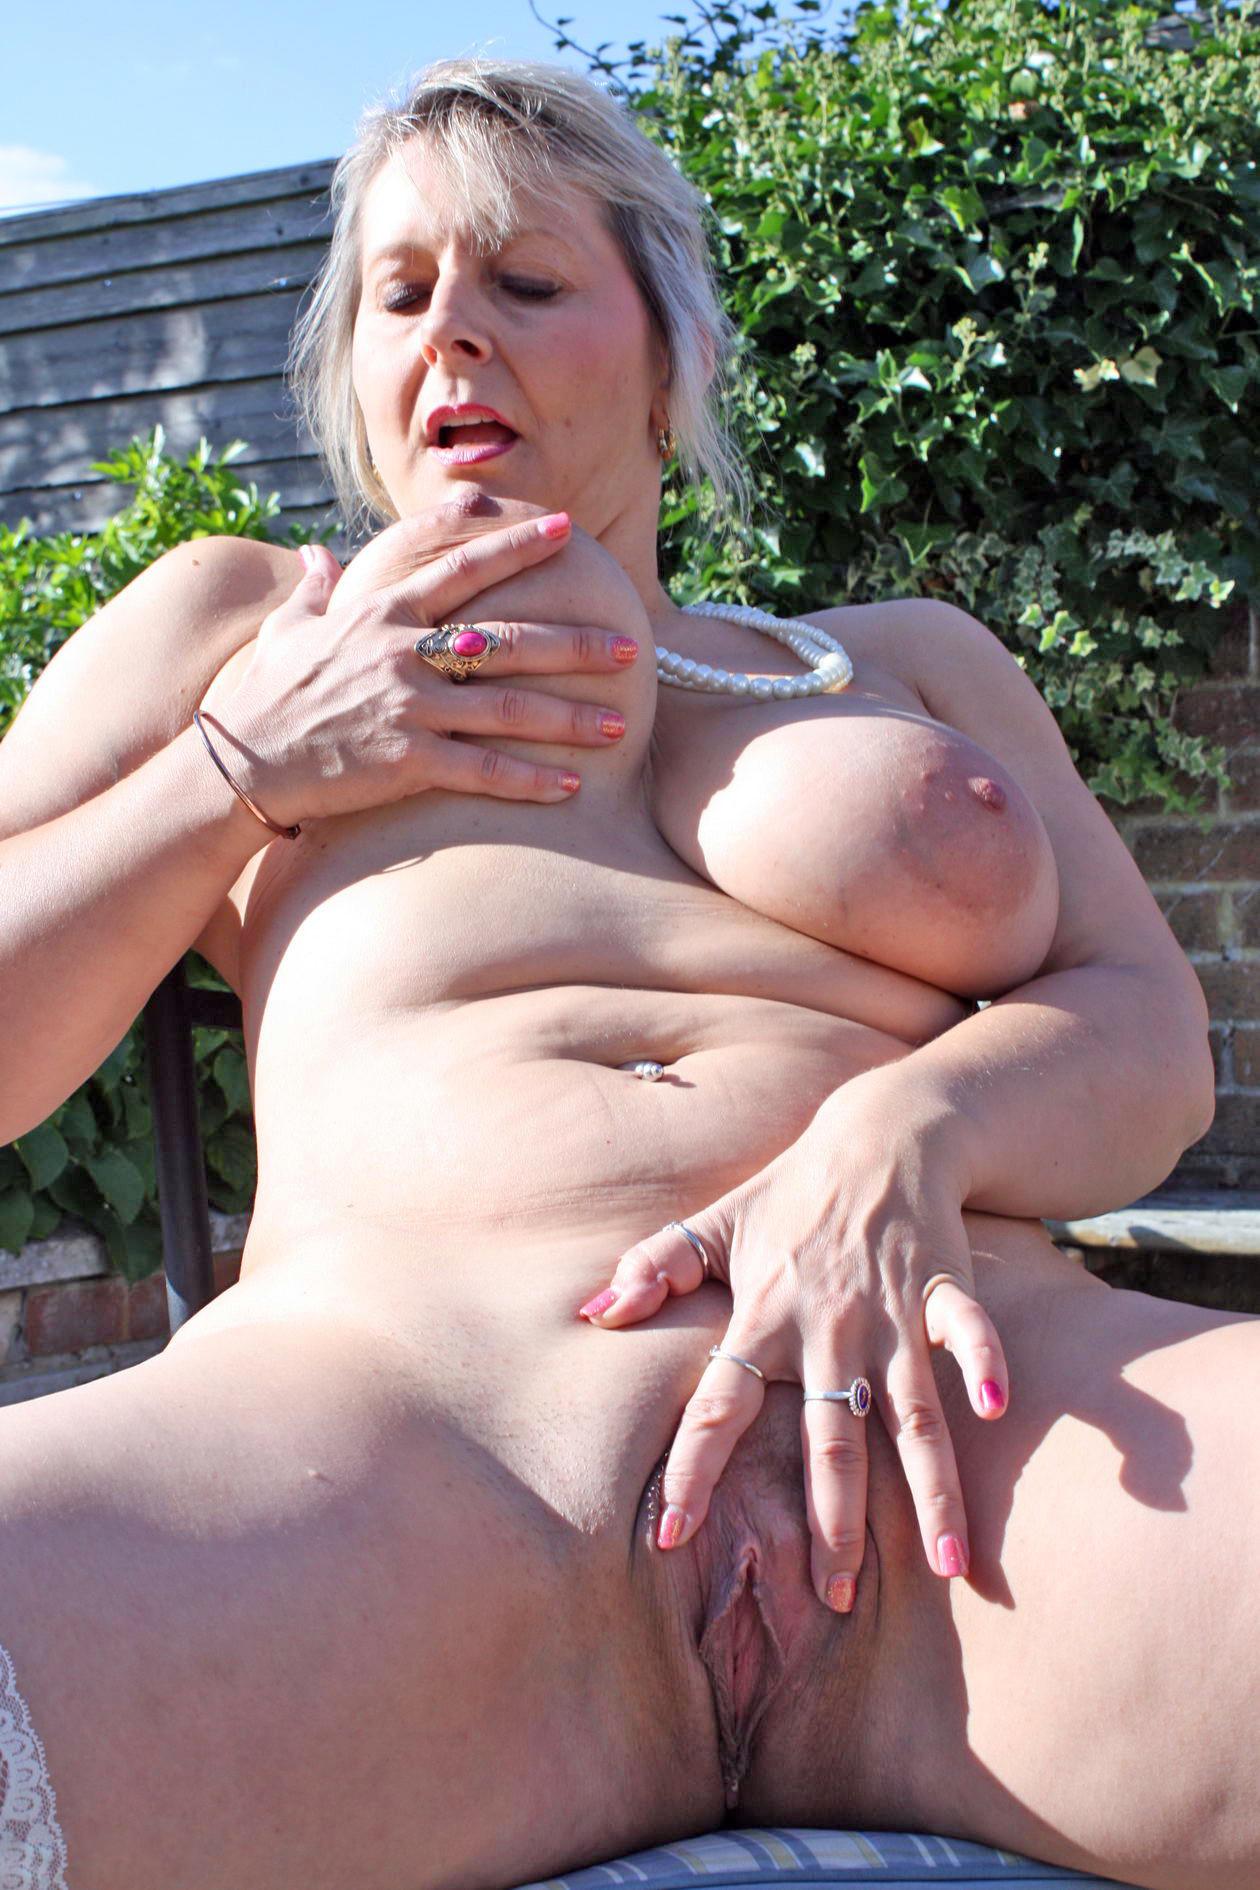 Lady gaga strips naked